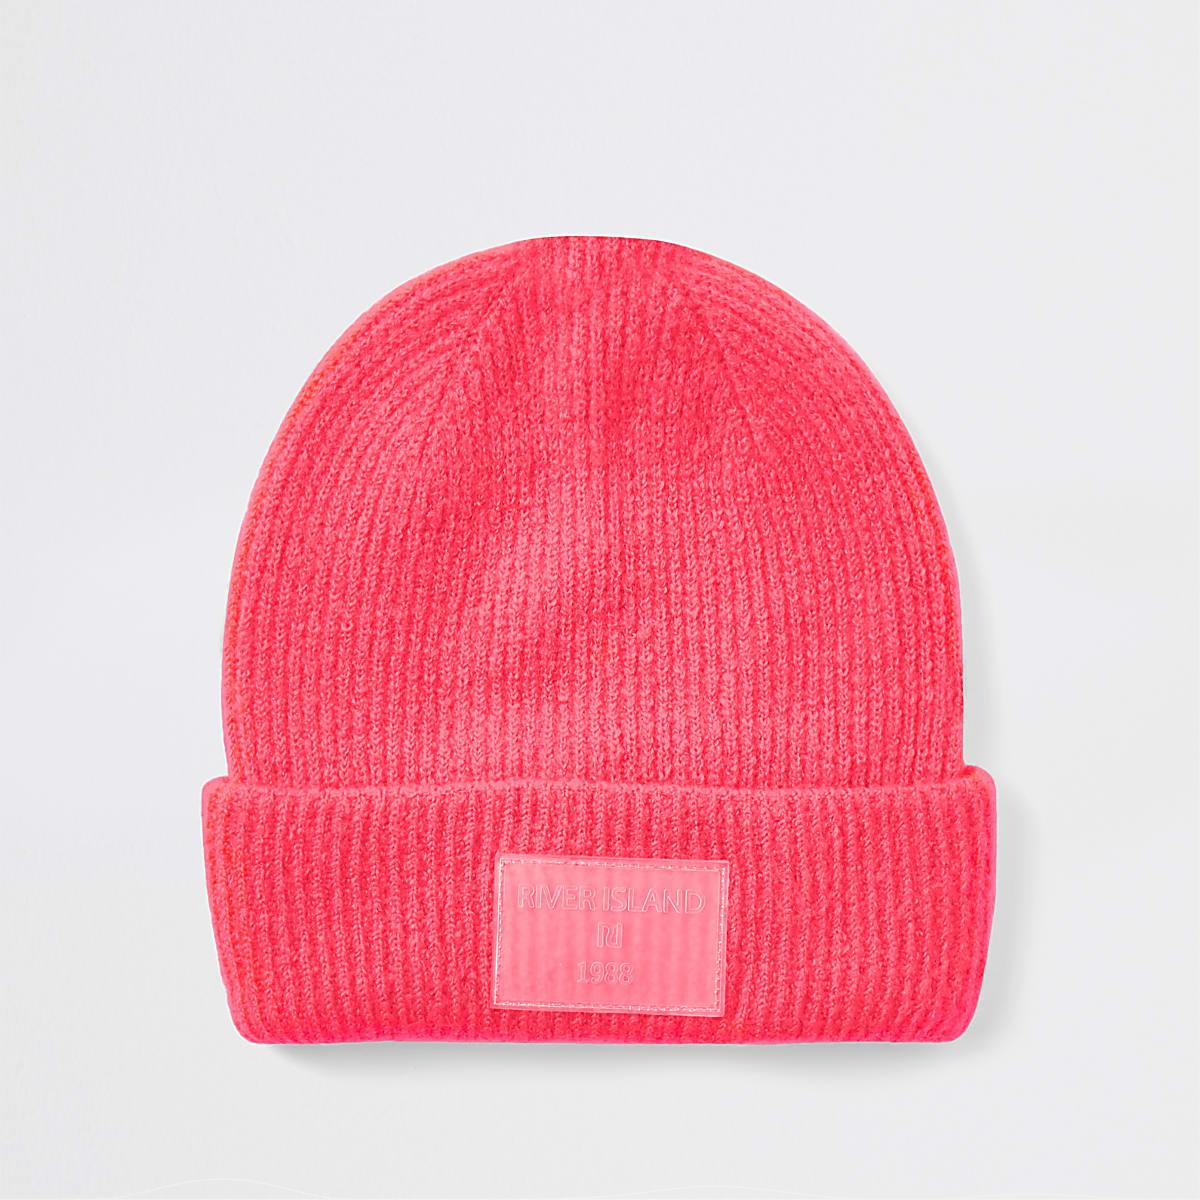 Bright pink beanie hat